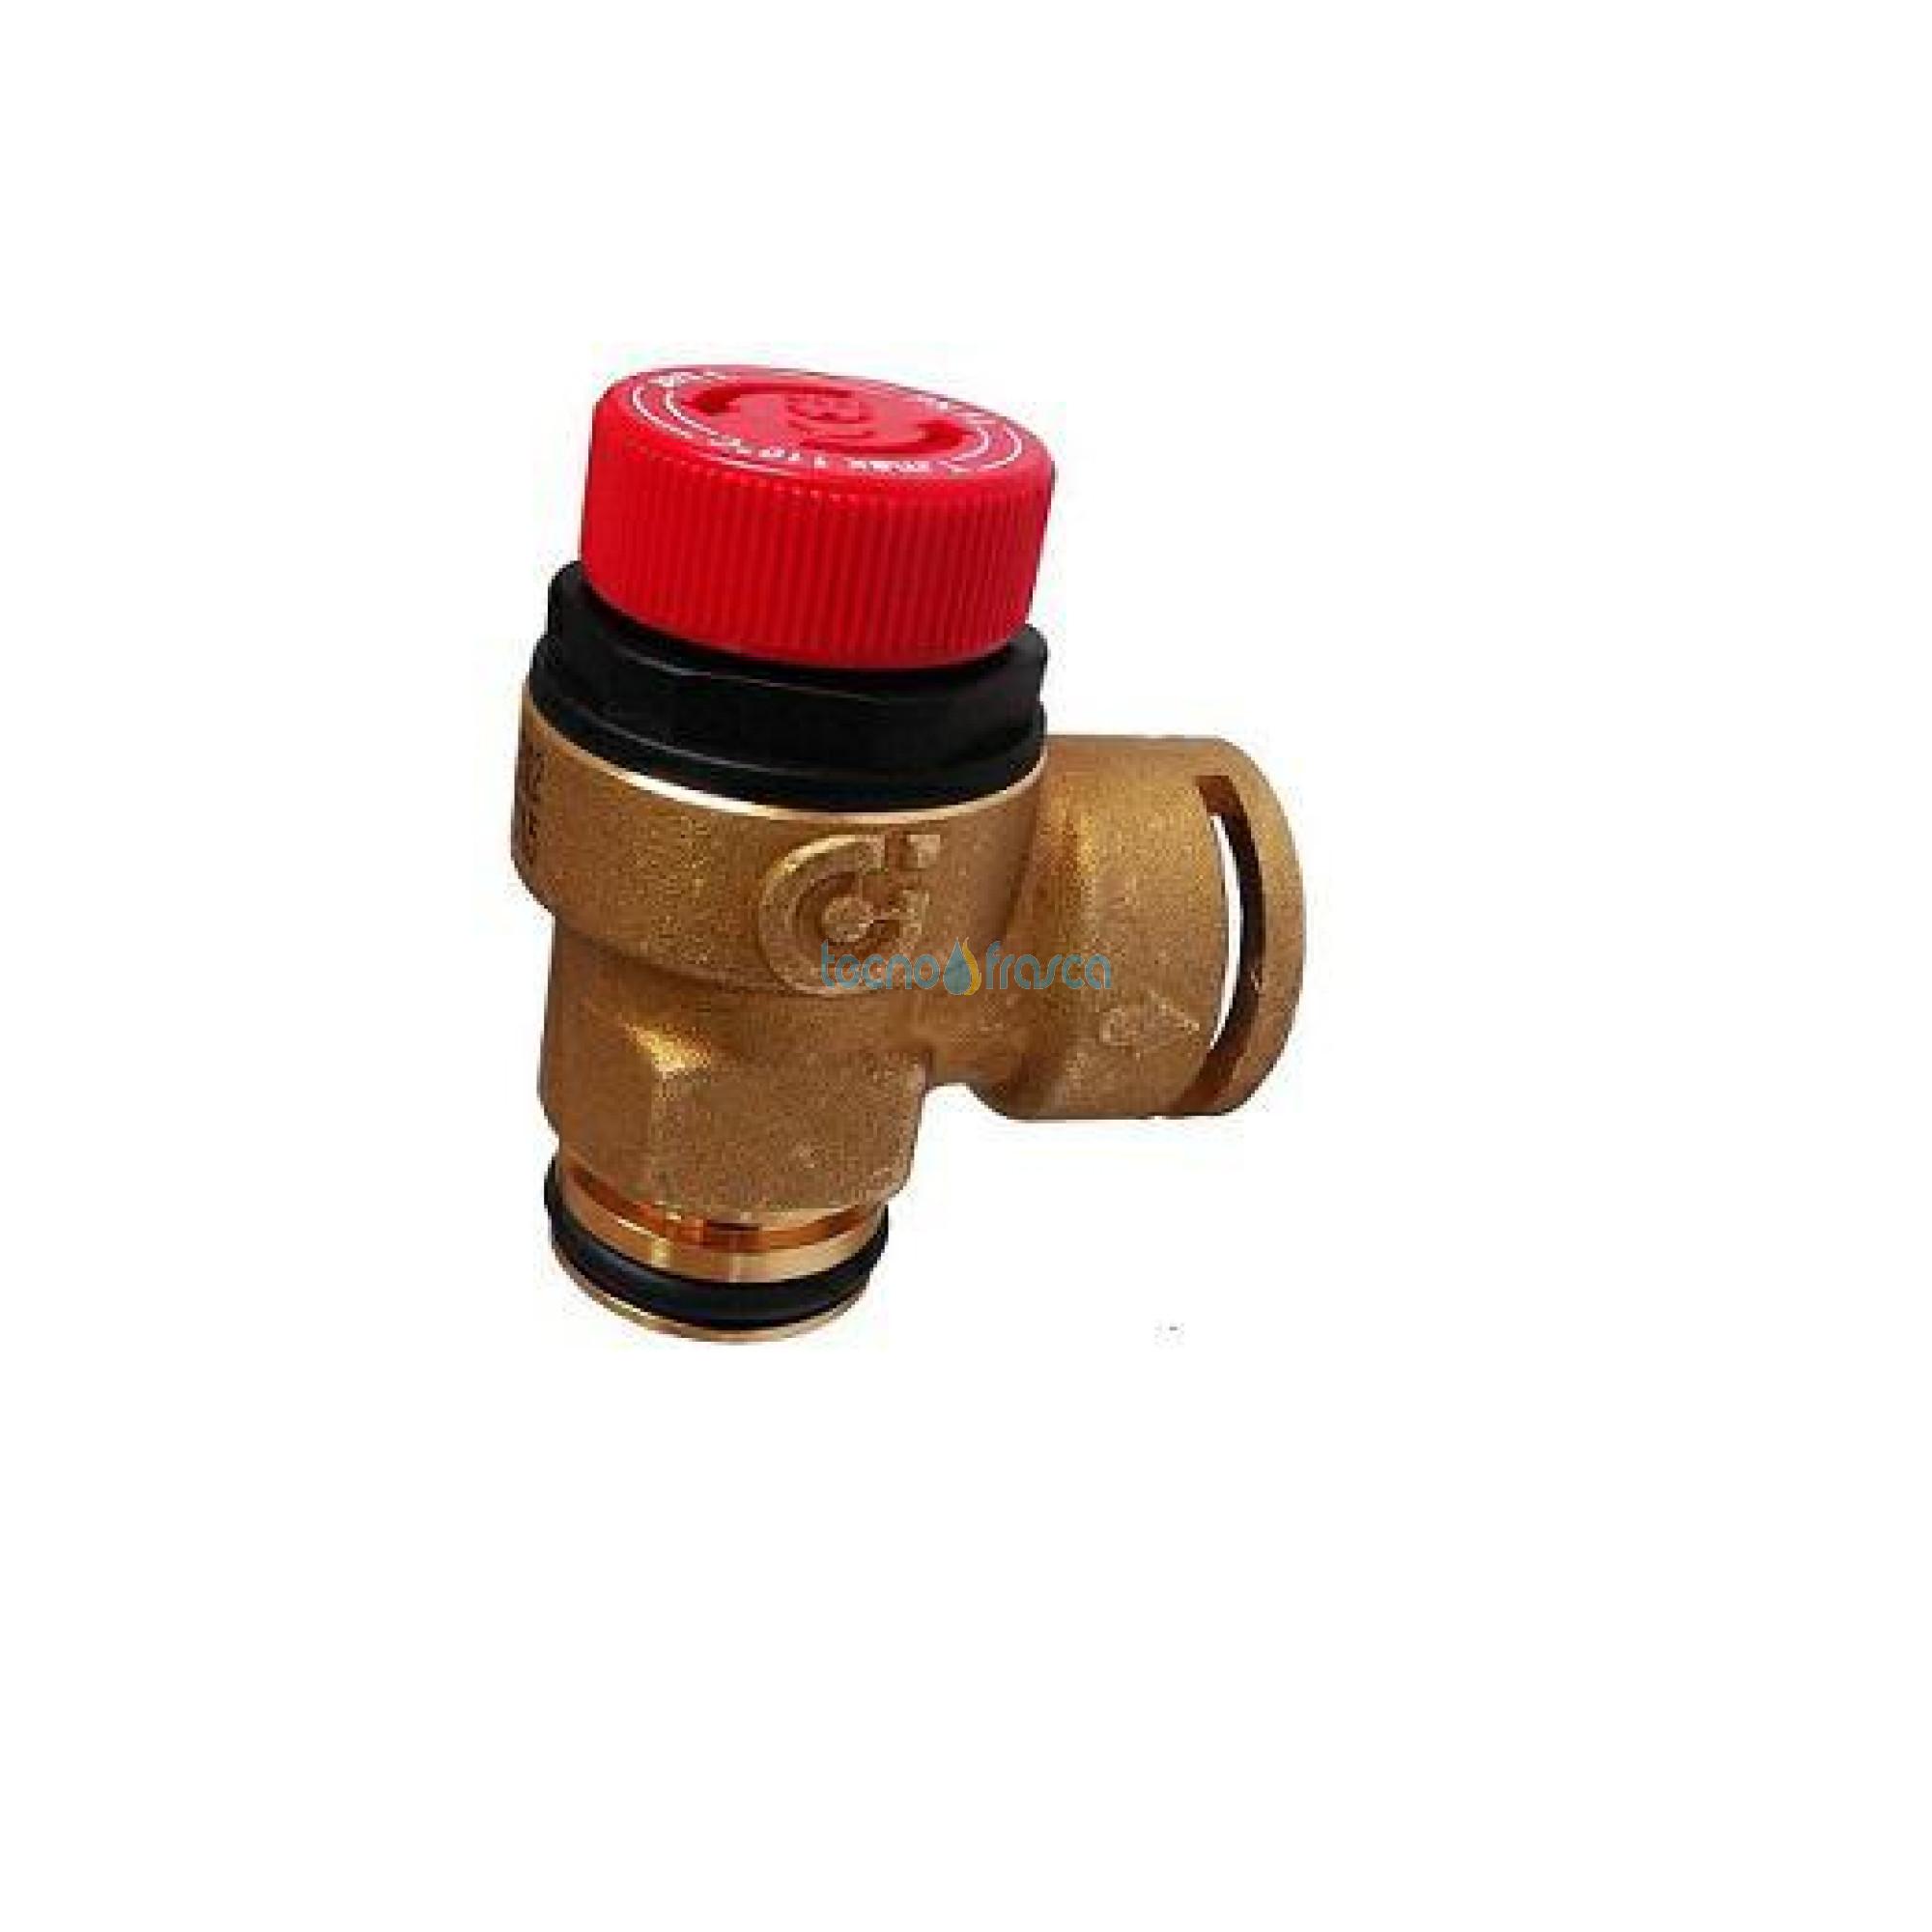 Immergas valvola di sicurezza 3bar per compact block 1.024903